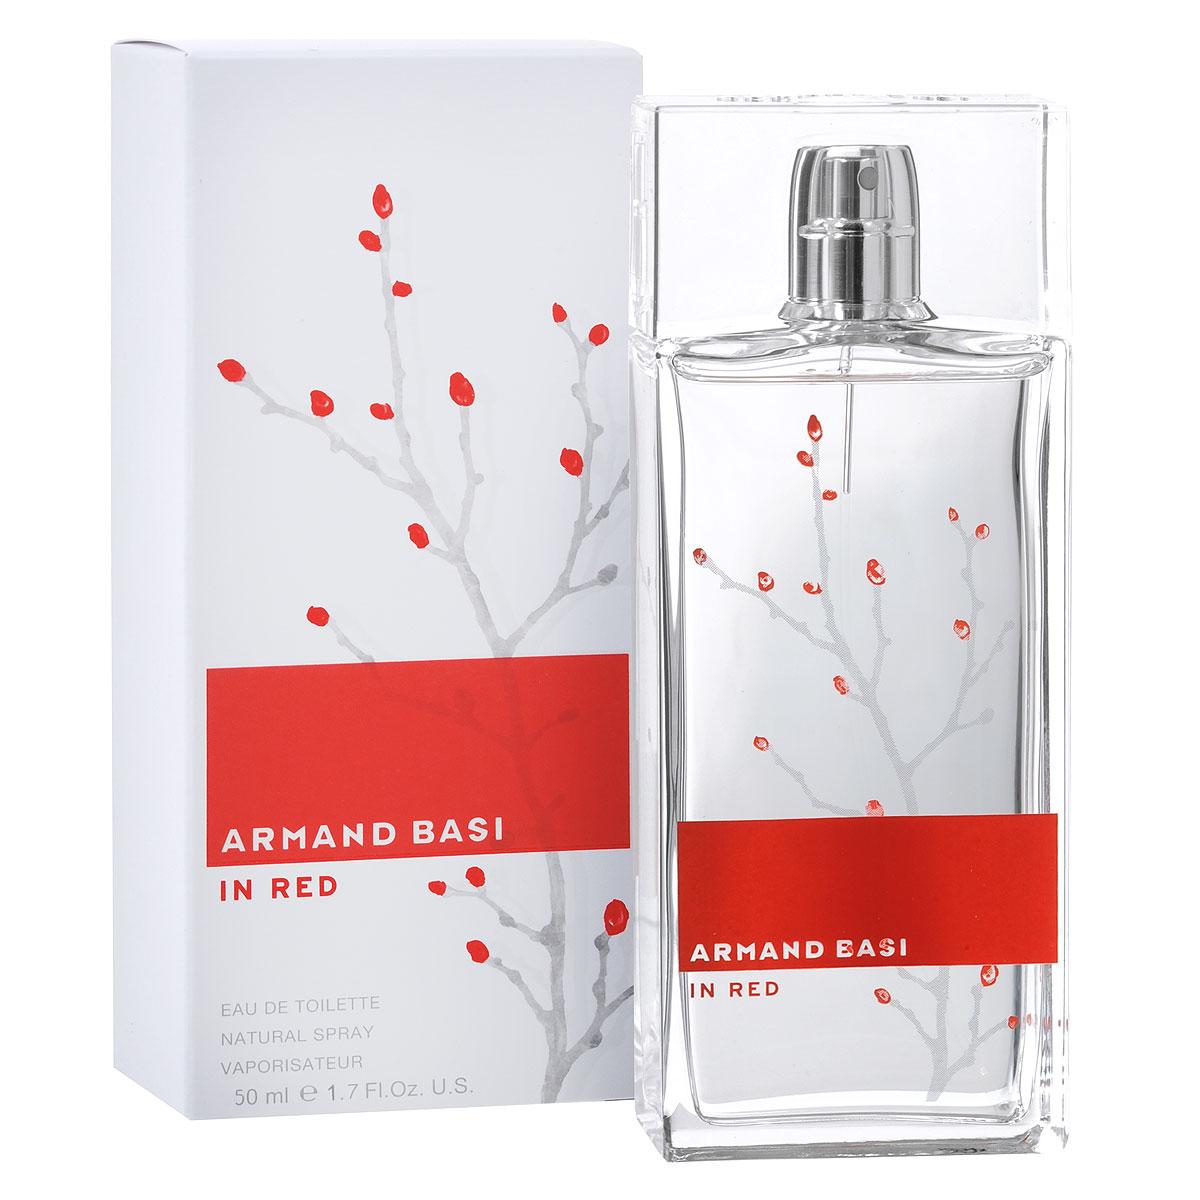 Armand Basi Туалетная вода In Red, женская, 50 мл1301210До сих пор марка Armand Basi использовала только черный и белый цвет. Теперь используются и яркие оттенки. Средиземноморское солнце озаряет мир ярким светом - и в концепции Armand Basi In Red появляется красный цвет. Аромат Armand Basi In Red адресован женщине нашего времени: уверенной, подтверждающей свое право на индивидуальность, способной выразить свои чувства и эмоции - женщине нежной, но в то же время сильной и полной страсти.Открывают аромат ноты свежести цитрусовых, мандарина и бергамота в сочетании с пряными нотами имбиря и кардамона. Они являются прелюдией к цветочному сердцу аромата - комбинации оттенков розы, ландыша, жасмина и листьев фиалки. Благородный характер аромата гармонирует с чувственностью и богатством базовых древесных нот и белого мускуса.Классификация аромата: цветочный.Пирамида аромата:Верхние ноты: мандарин, имбирь, бергамот, кардамон.Ноты сердца: жасмин, листья фиалки, роза, ландыш.Ноты шлейфа: дубовый мох, древесные ноты, мускус.Ключевые словаСтрастный, чувственный, благородный!Туалетная вода - один из самых популярных видов парфюмерной продукции. Туалетная вода содержит 4-10%парфюмерного экстракта. Главные достоинства данного типа продукции заключаются в доступной цене, разнообразии форматов (как правило, 30, 50, 75, 100 мл), удобстве использования (чаще всего - спрей). Идеальна для дневного использования.Товар сертифицирован.